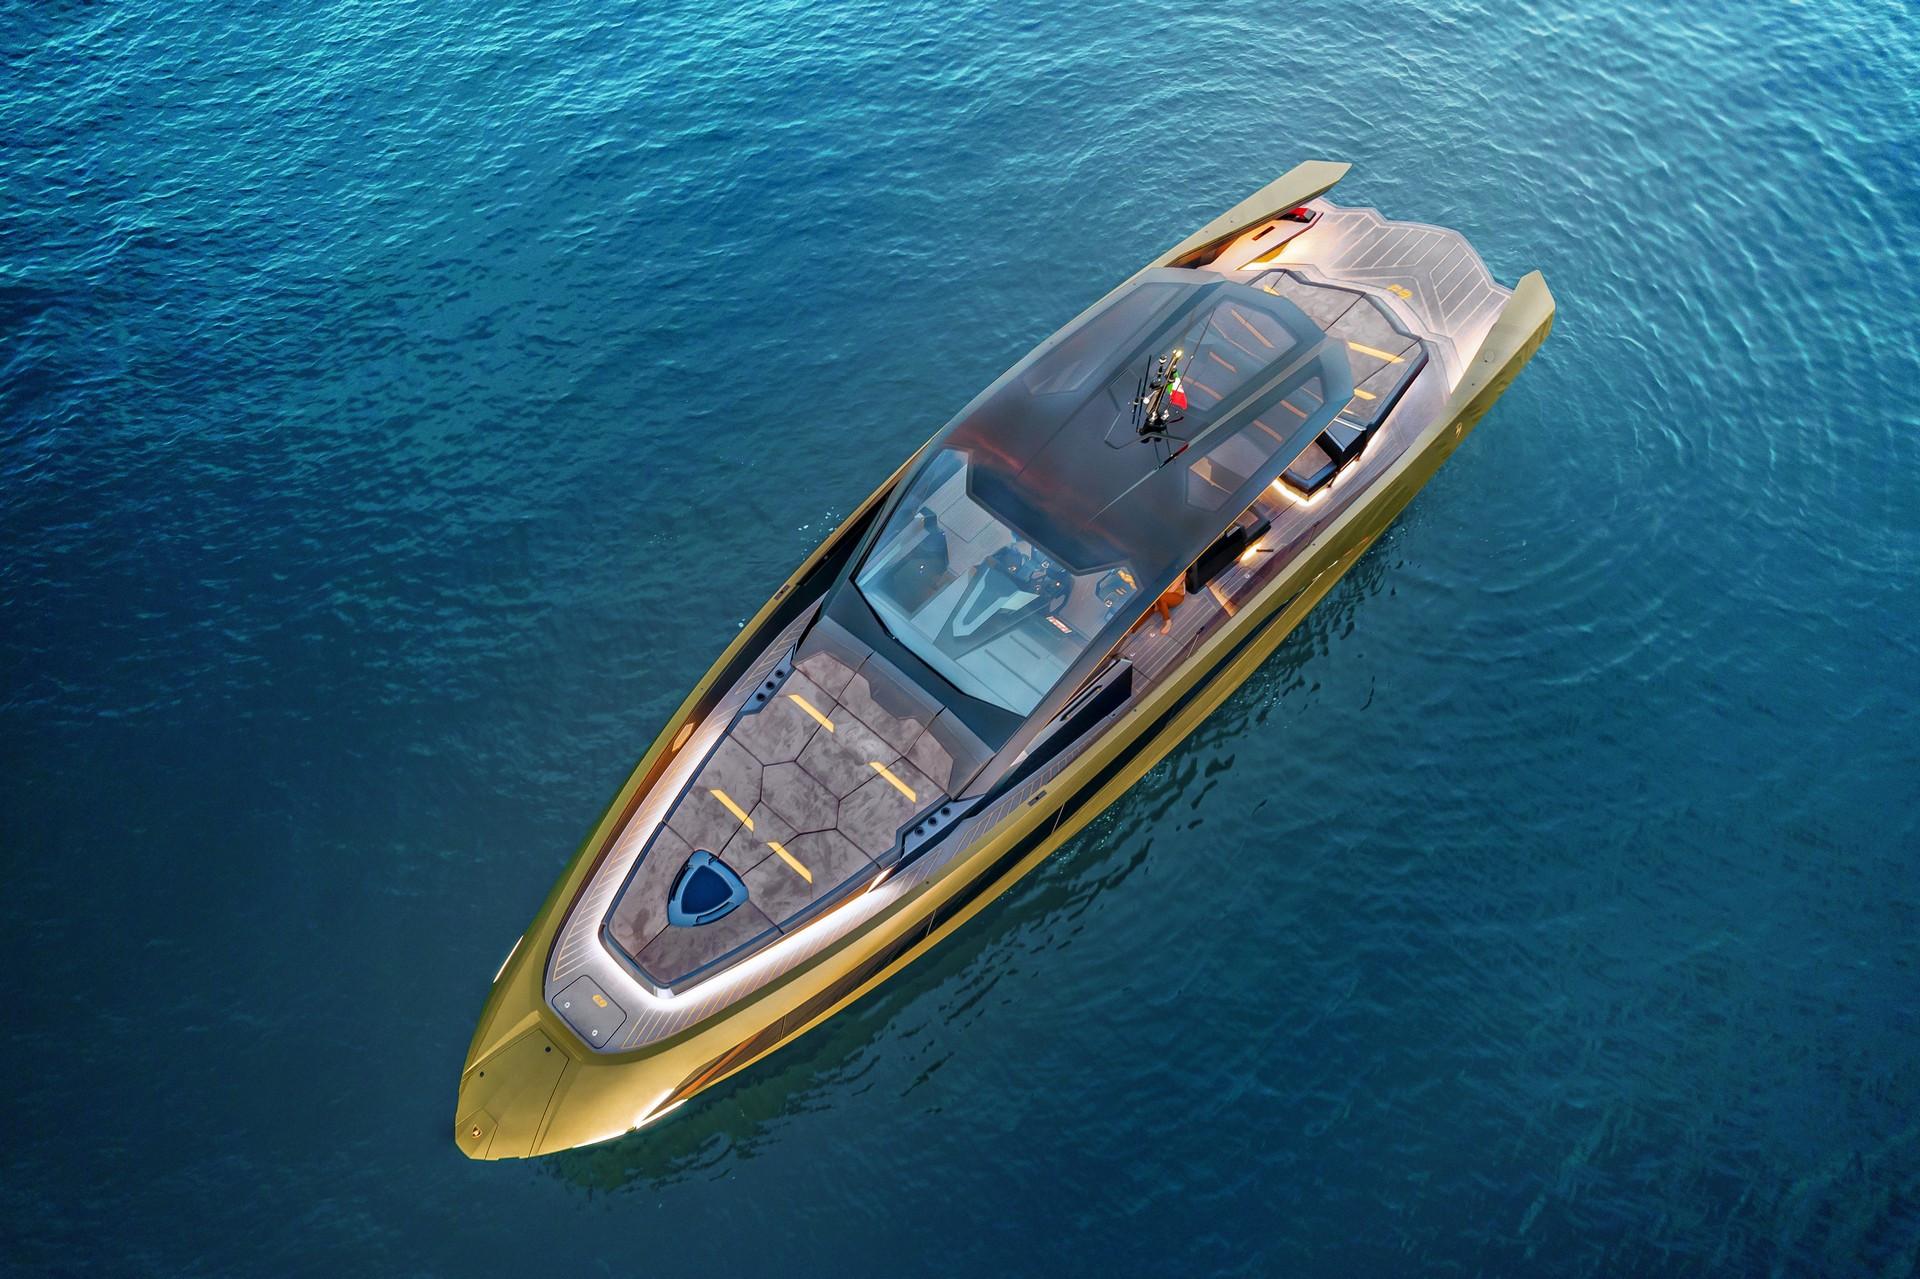 Thiết kế nhìn từ trên cao của Lamborghini Tecnomar